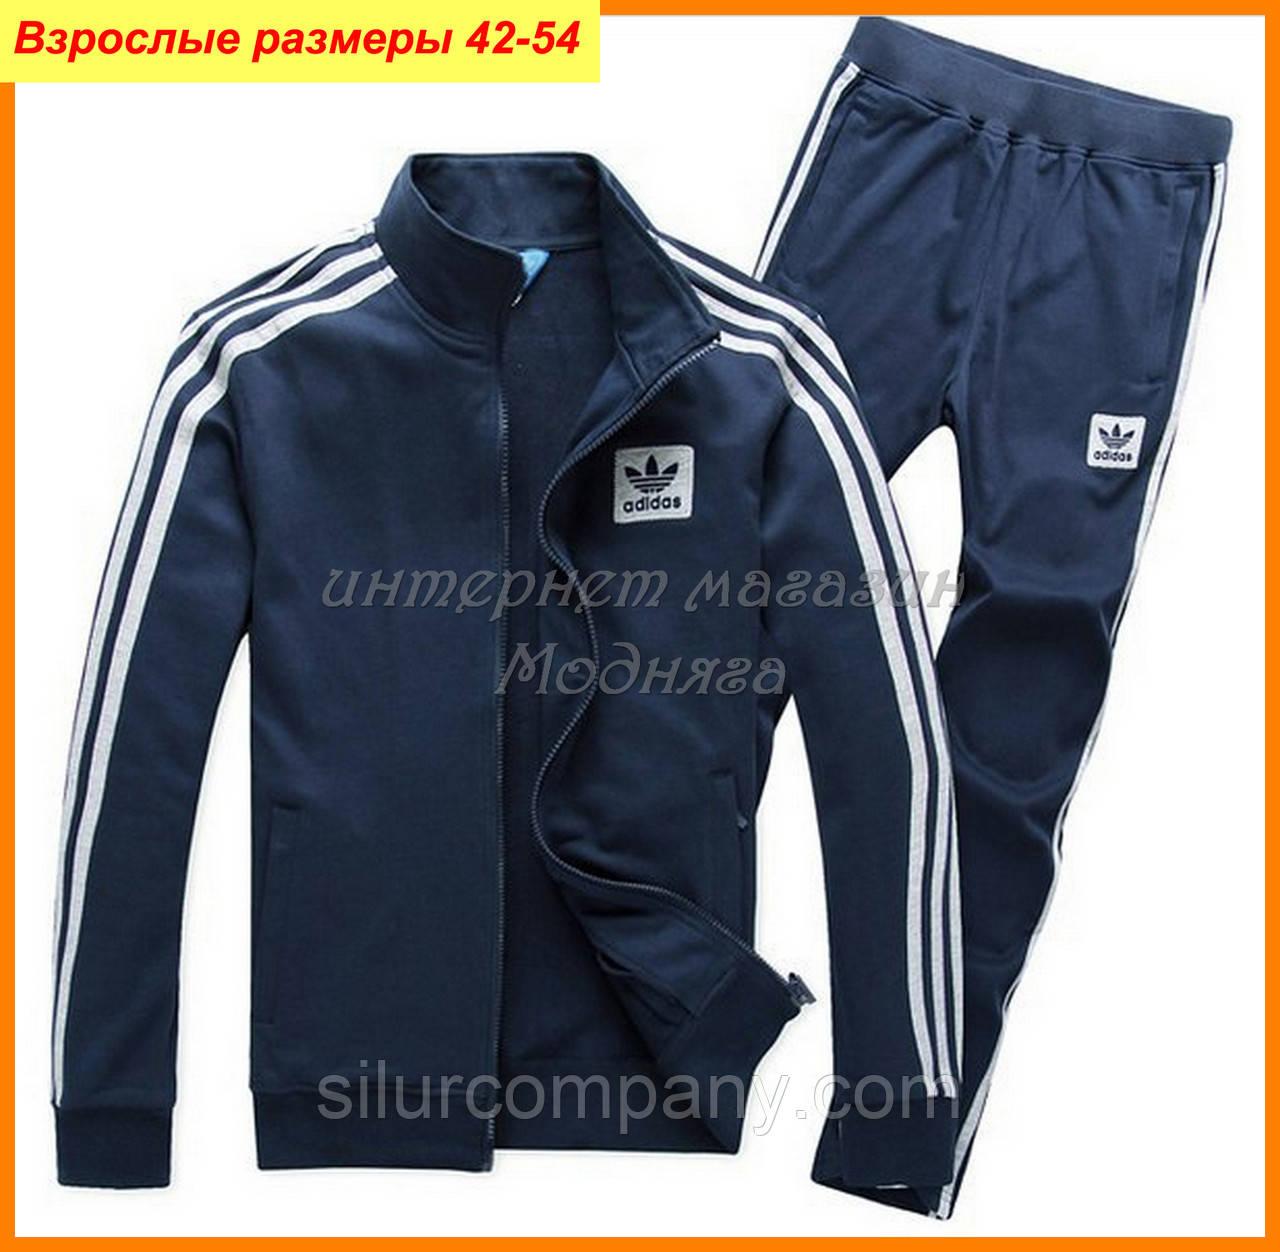 Мужской спортивный костюм адидас (воротник стойка) - Интернет магазин